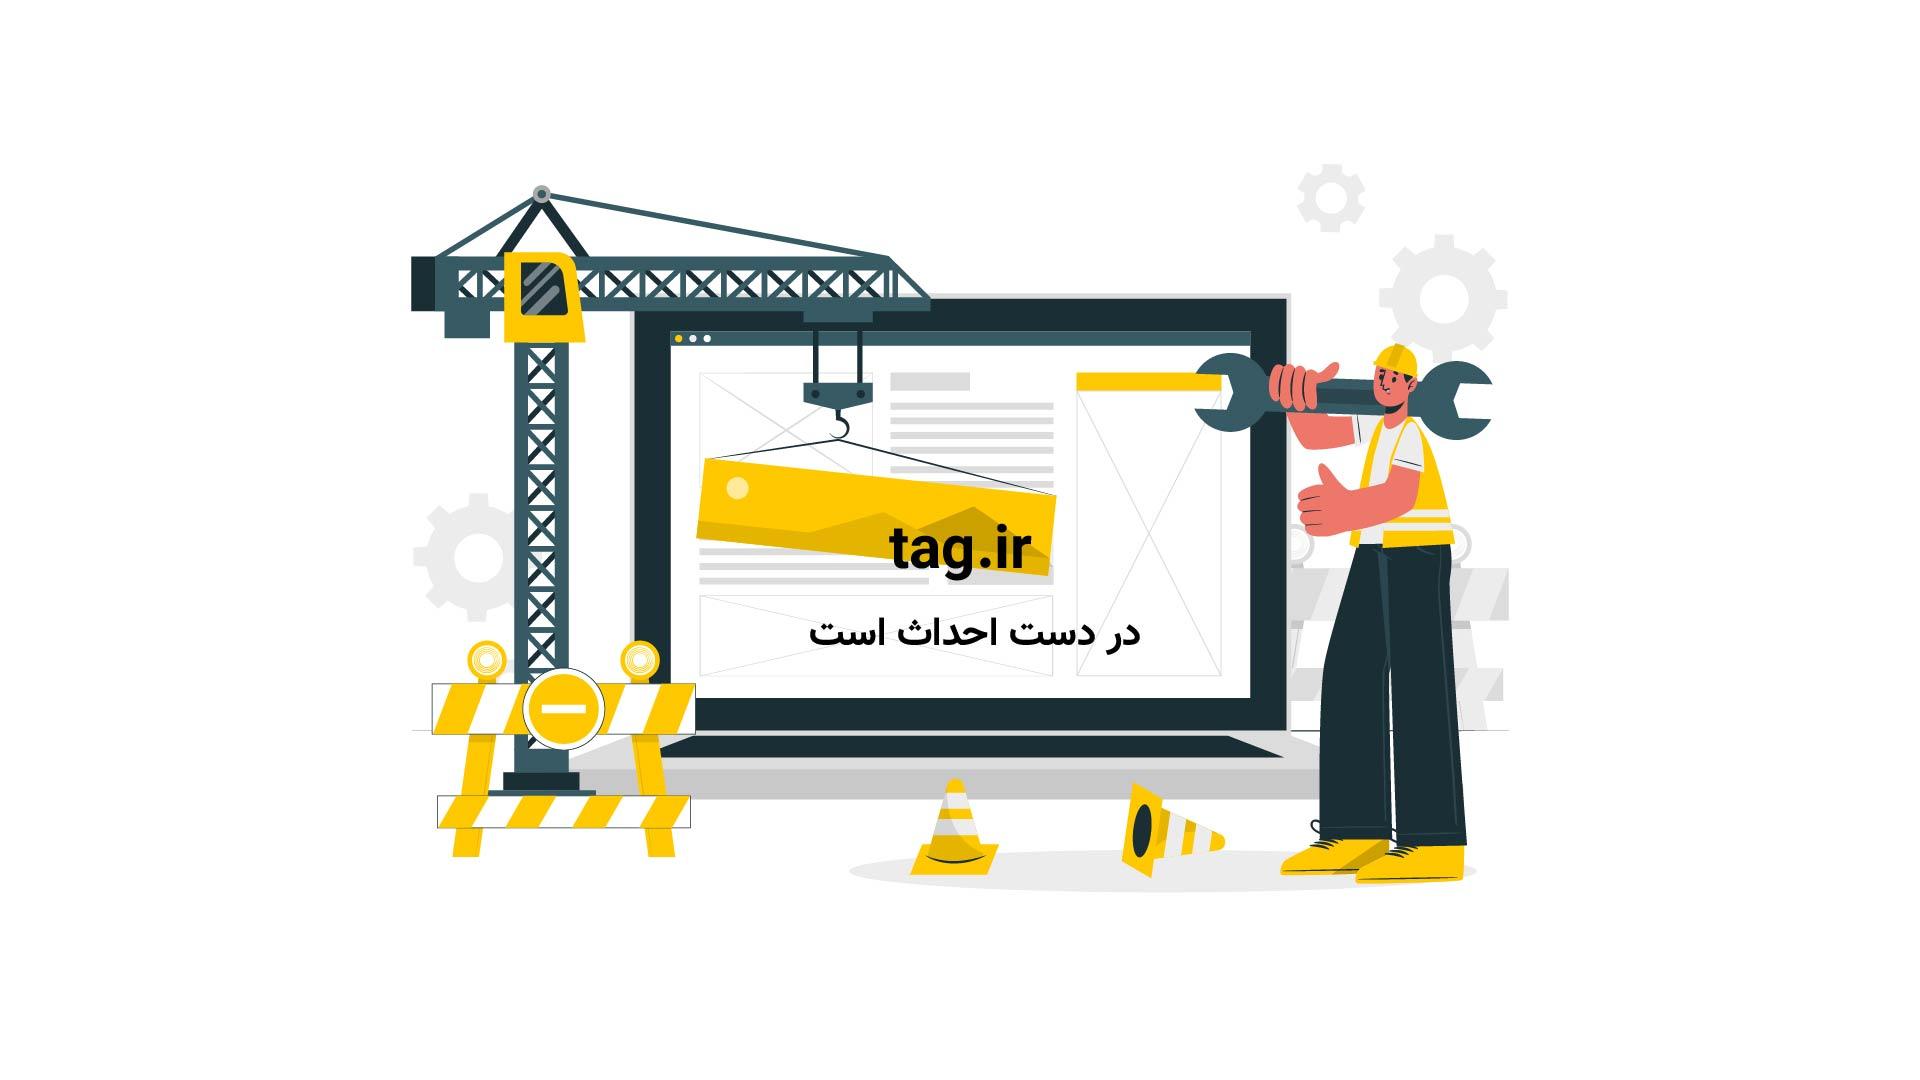 تلاش آتشنشانان برای خاموش کردن آتش پلاسکو از نمای نزدیک | فیلم